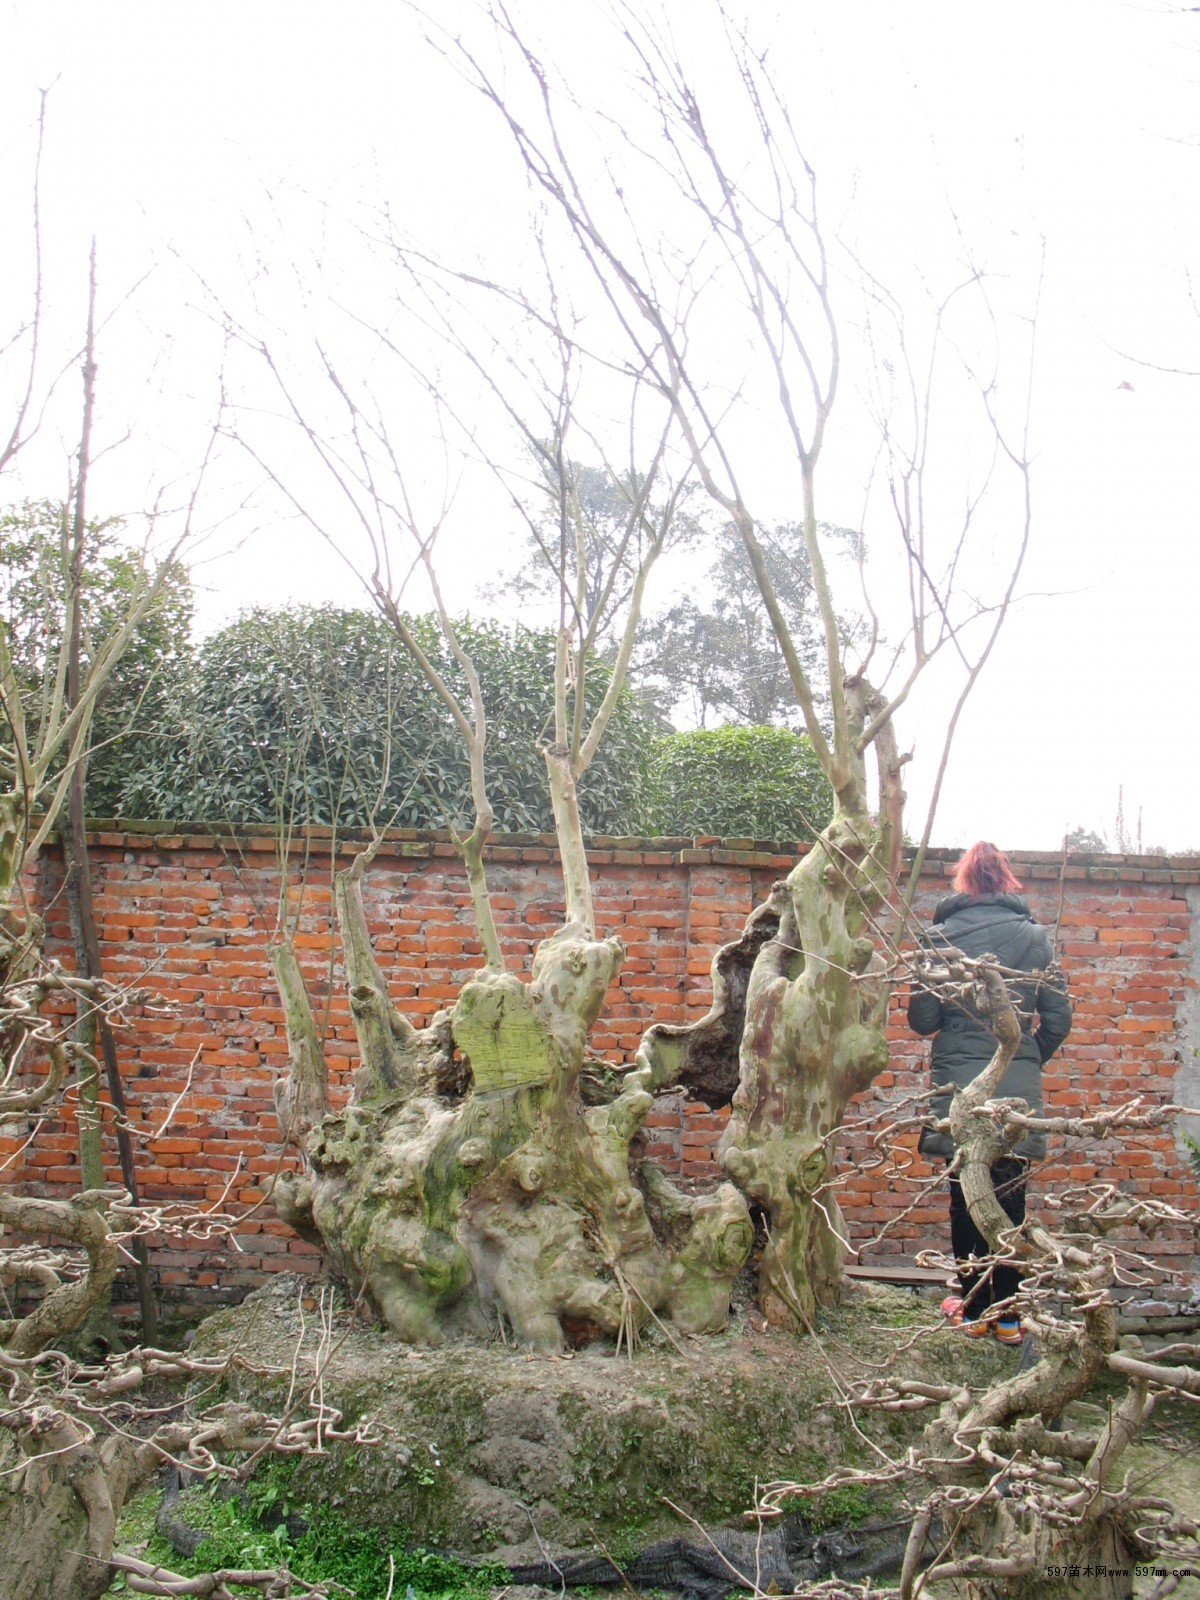 供应红花紫薇盆景造型树桩编排 亭子排方花瓶柱子